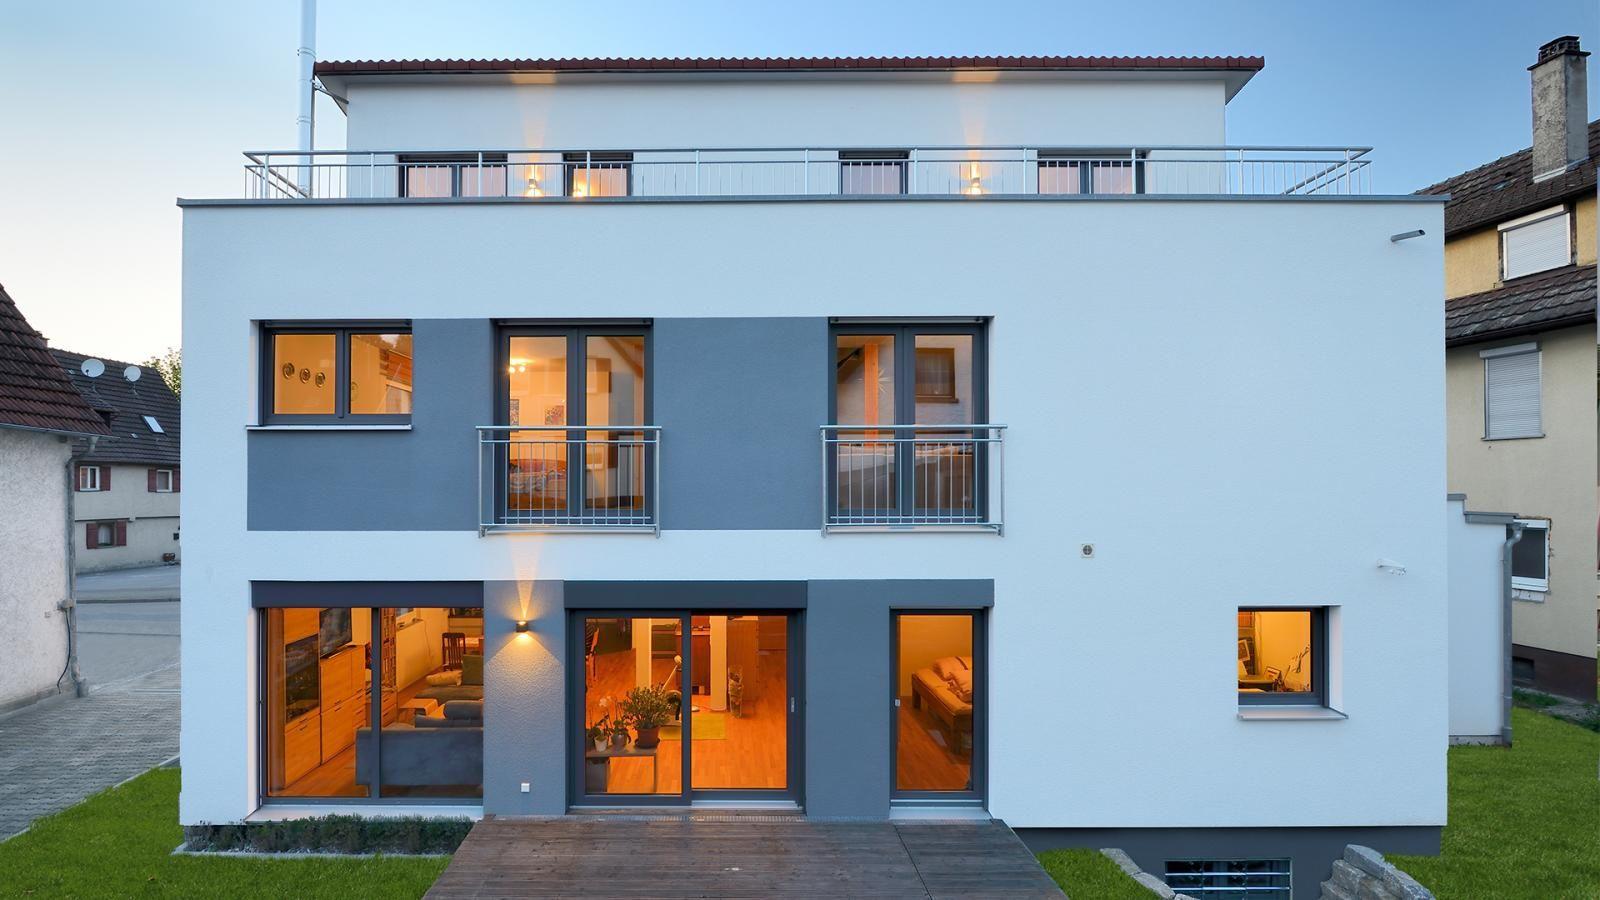 Mehrfamilienhaus Pultdach behindertengerechte Wohnung